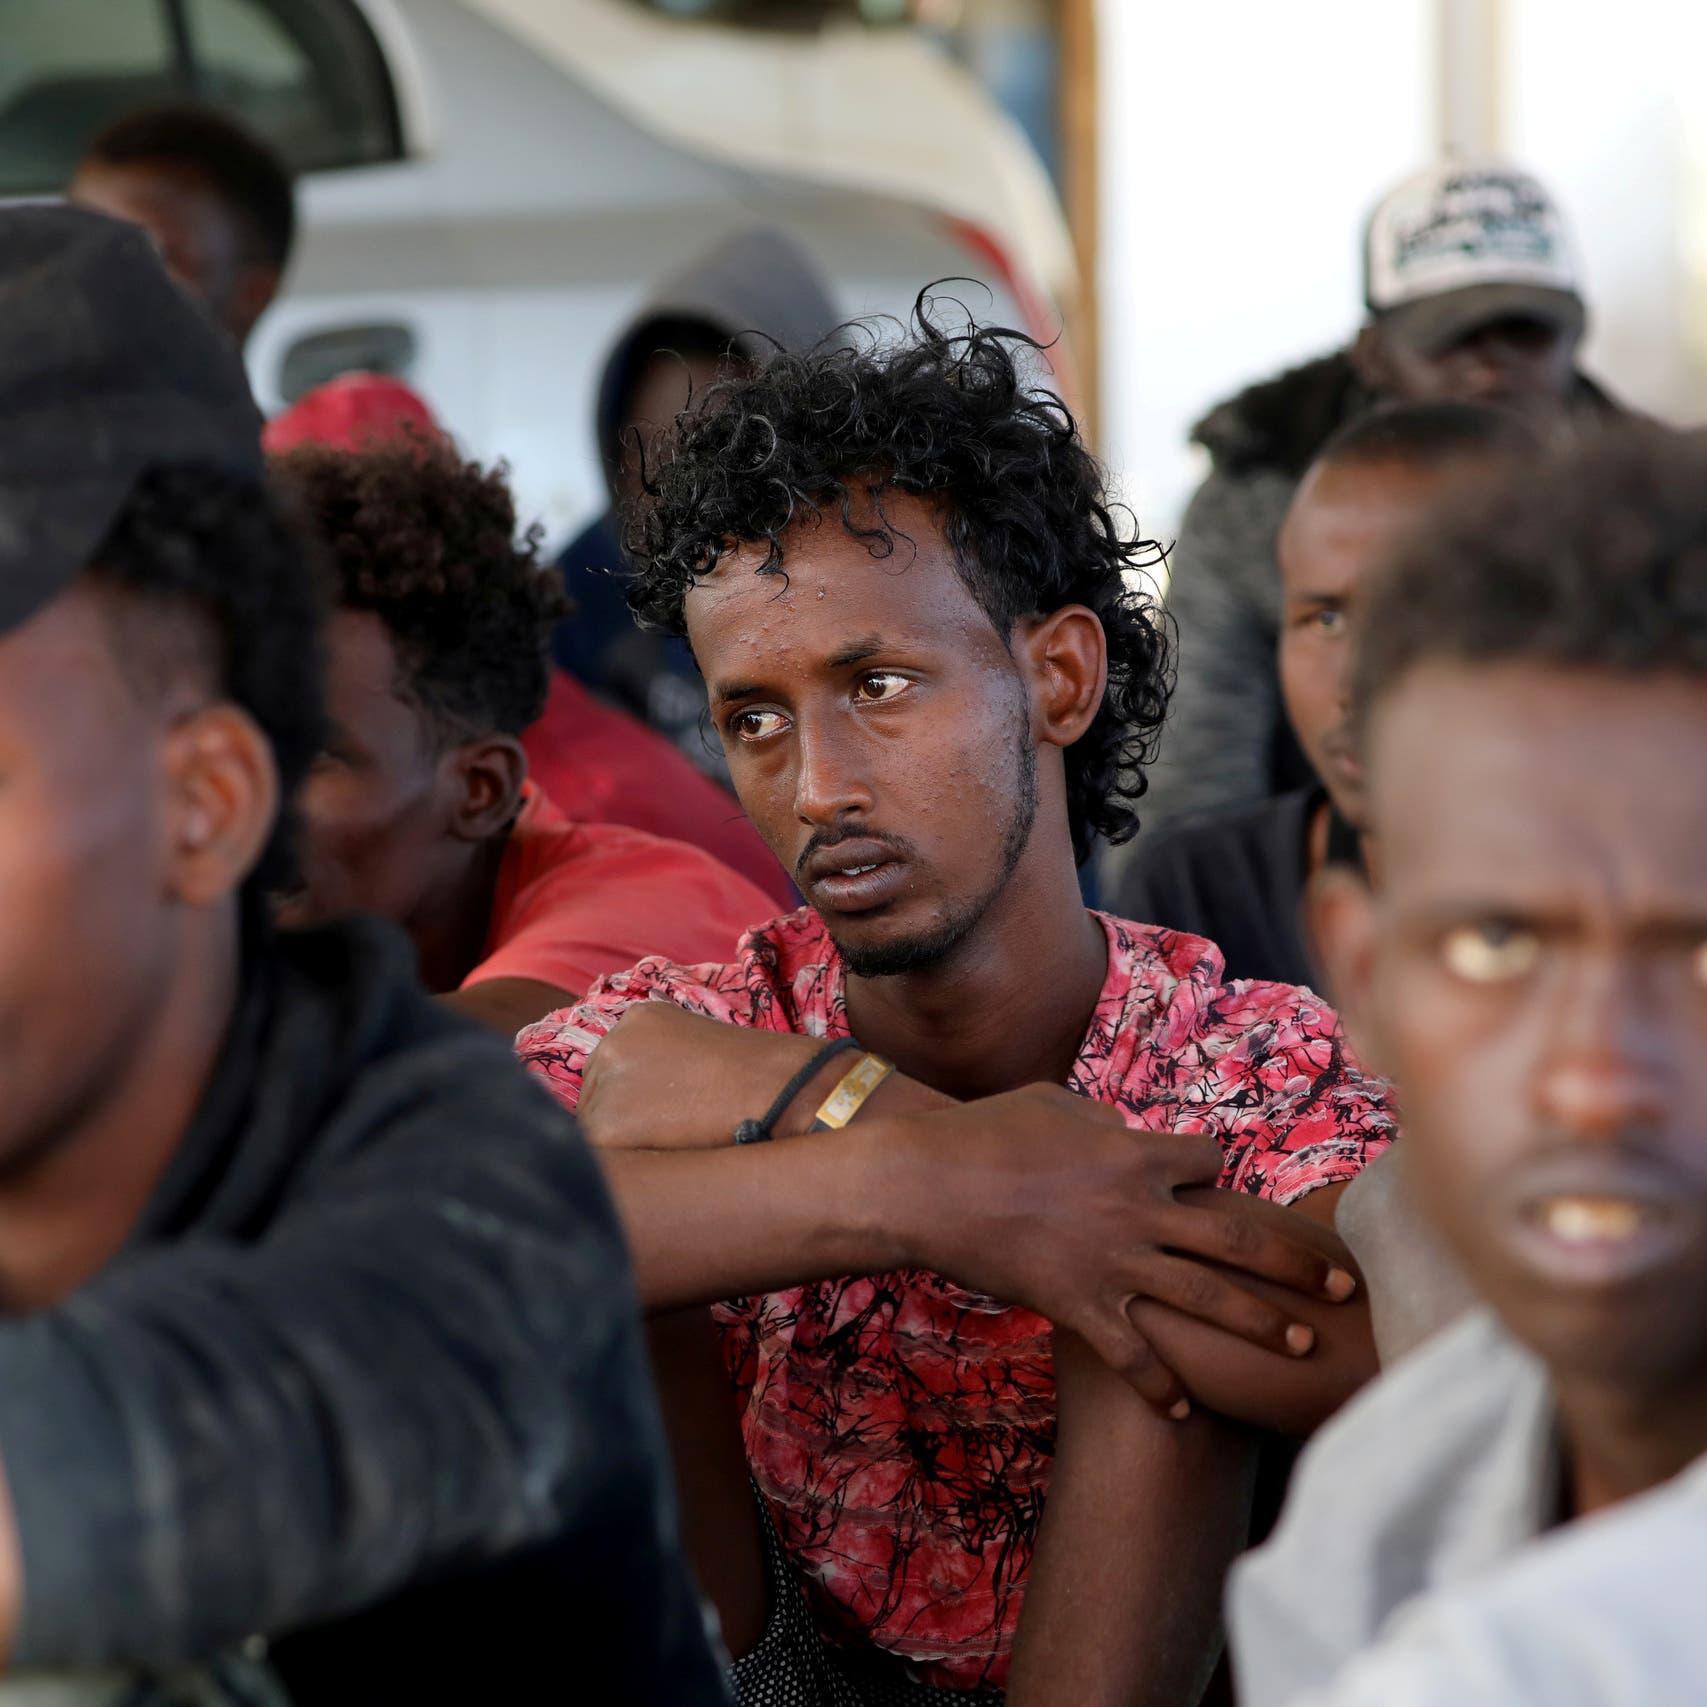 مسؤول أممي: مهاجرون في ليبيا يباعون ويؤجرون